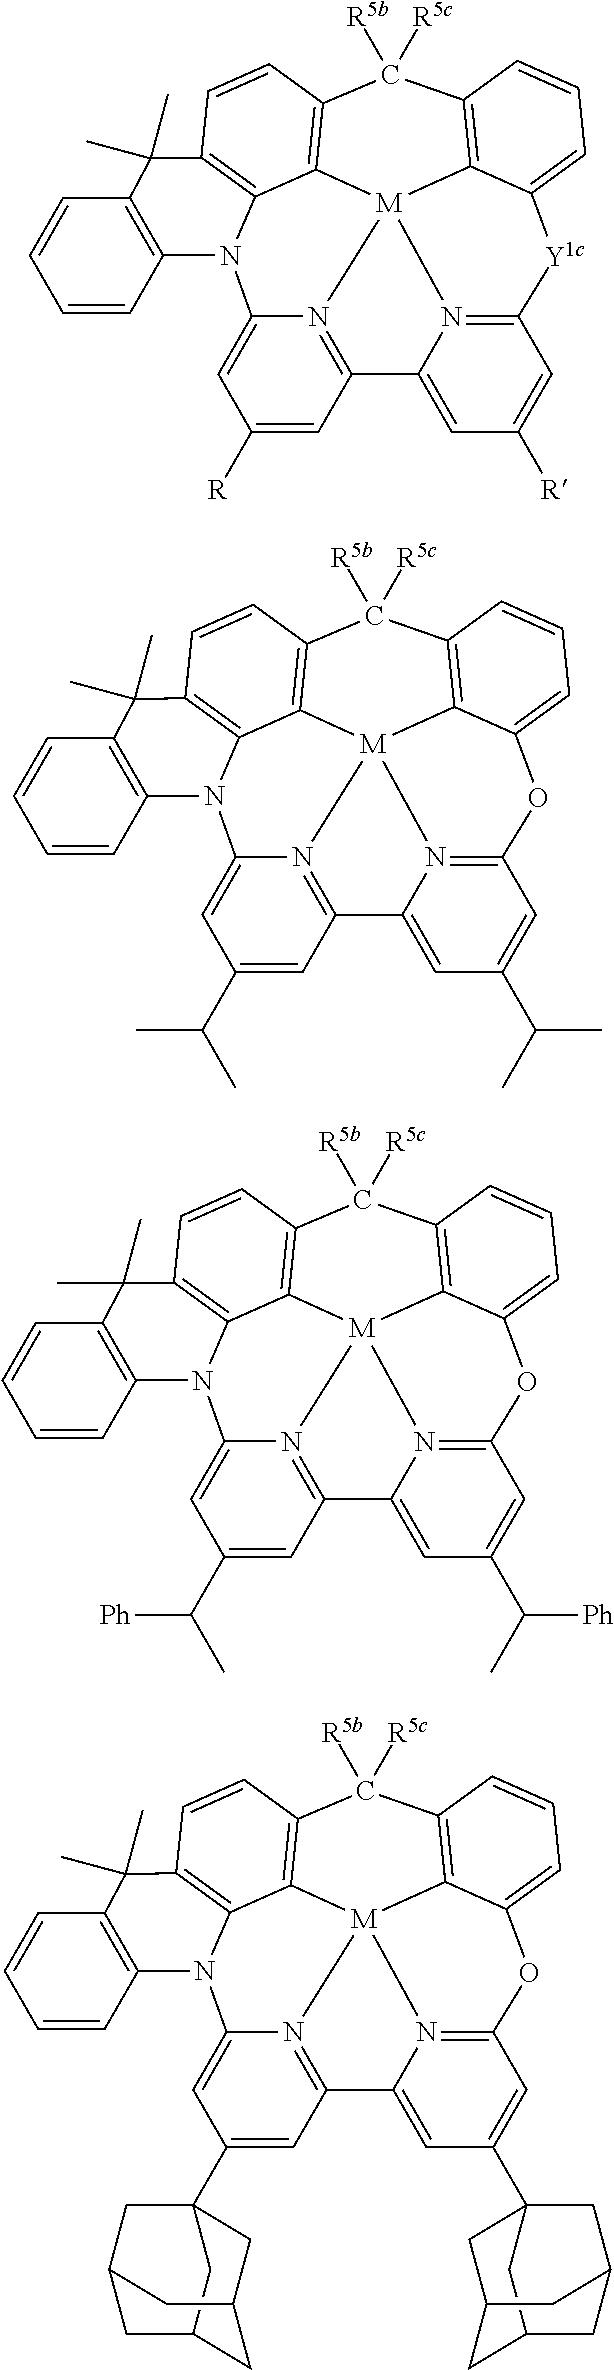 Figure US10158091-20181218-C00139